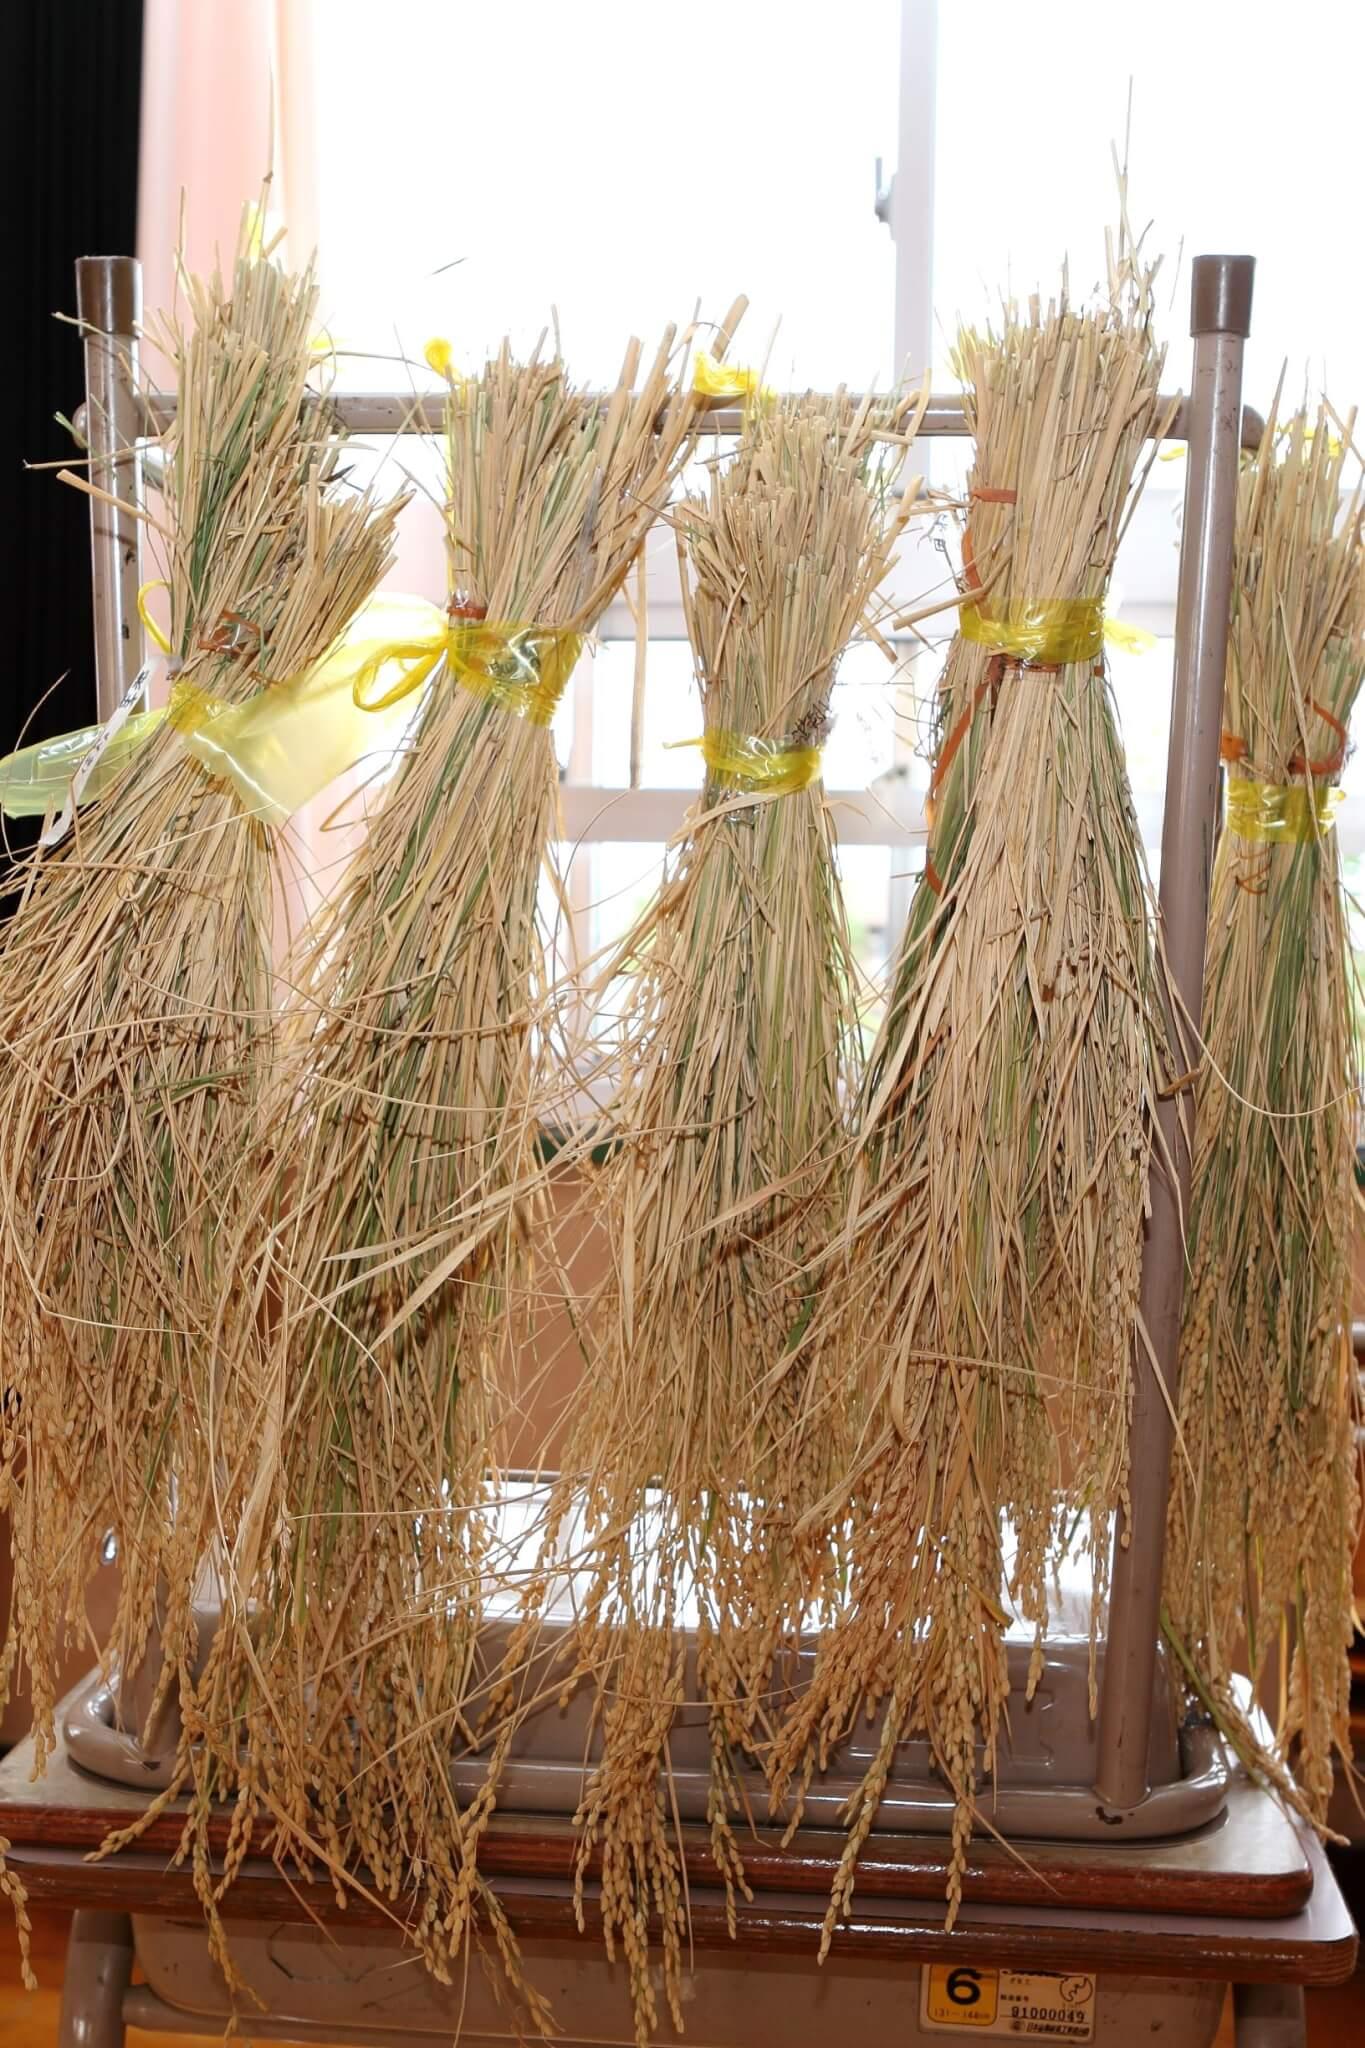 ★稲を干して乾燥(かんそう)させましょう★